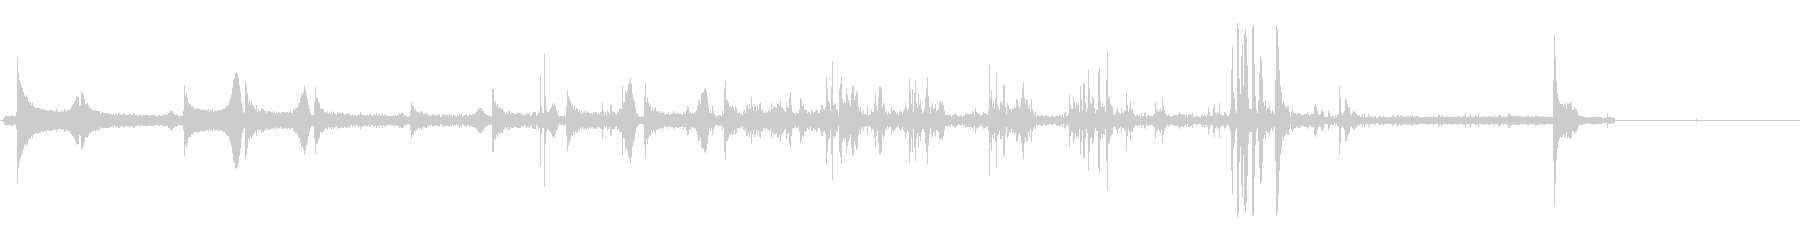 コポコポコポッキン(飲み物をつぐ音)の未再生の波形